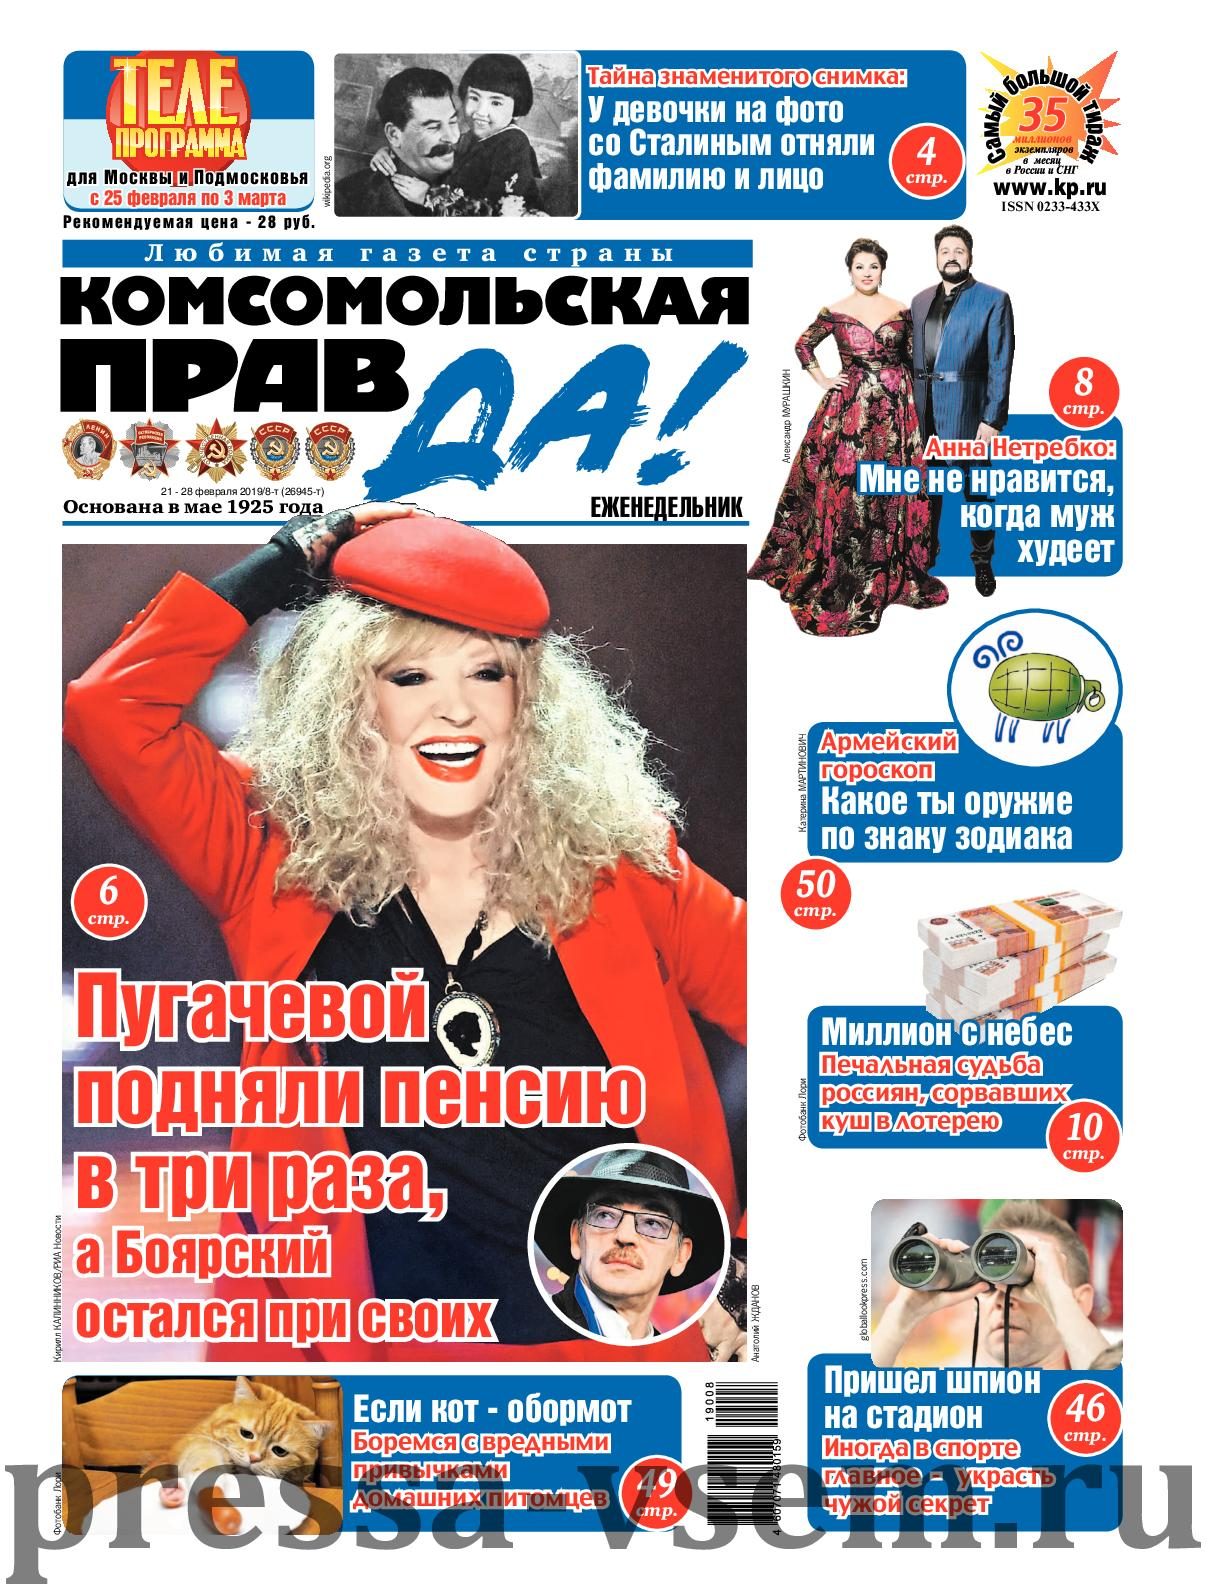 Порно хард блиндаж, одна на десятерых порно на русском языке